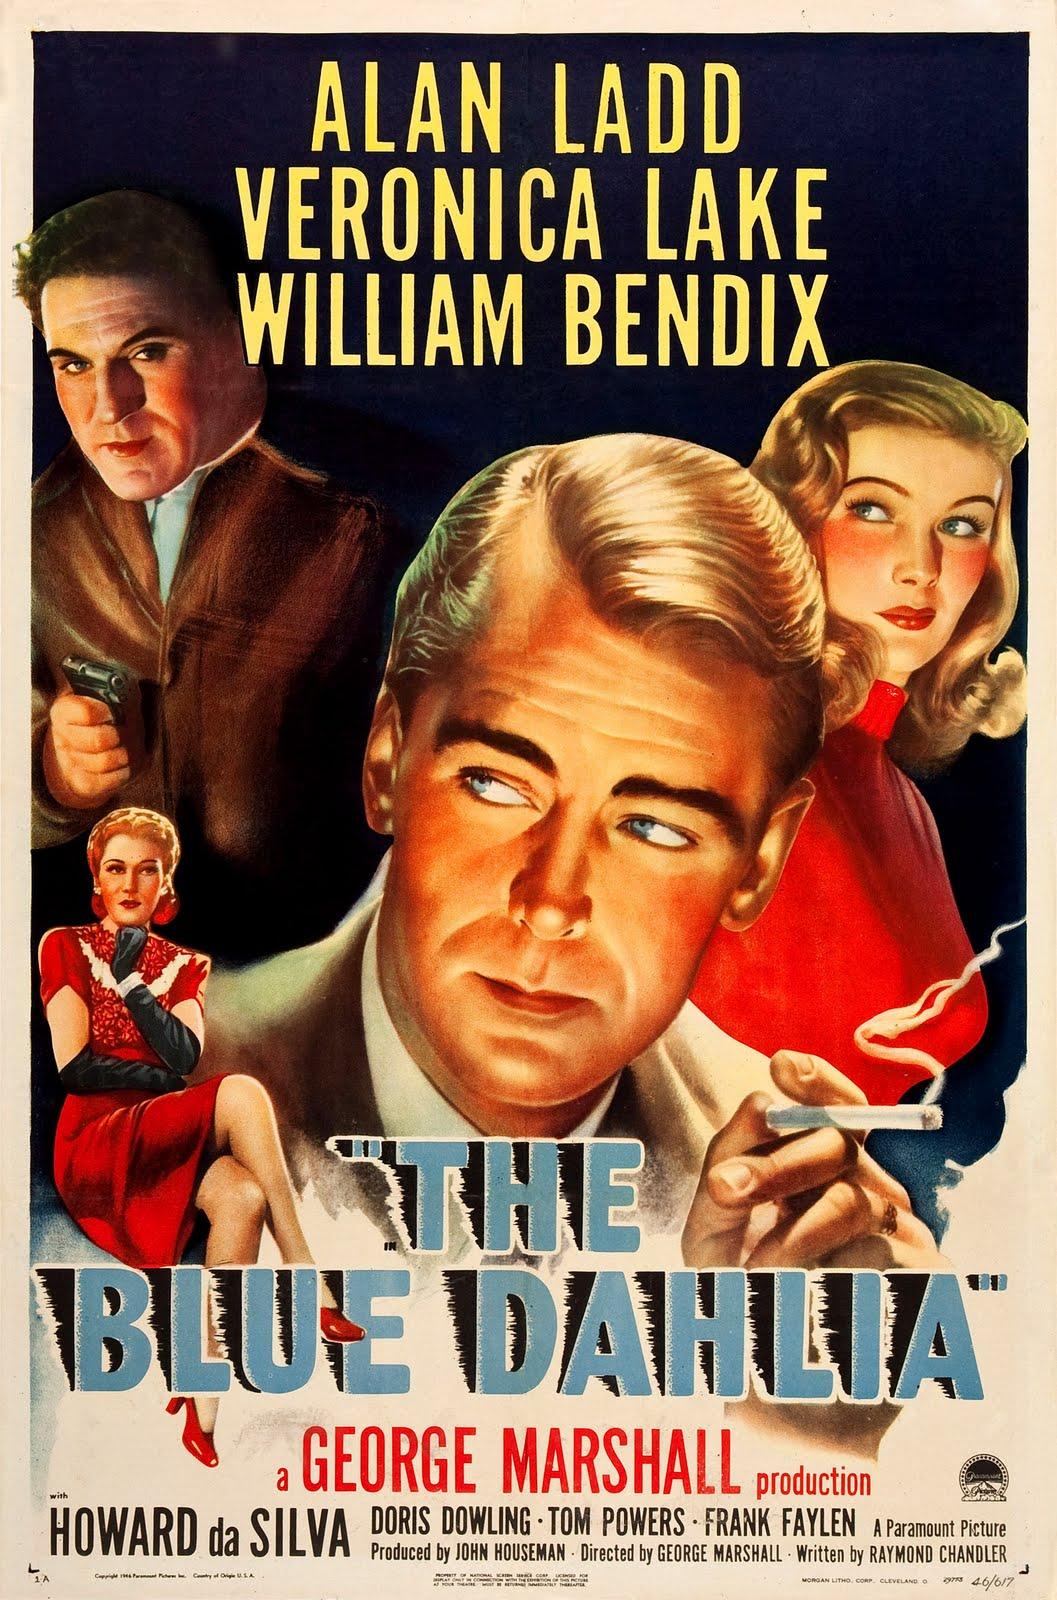 affiche poster film noir cinema 094 102 affiches de films noirs